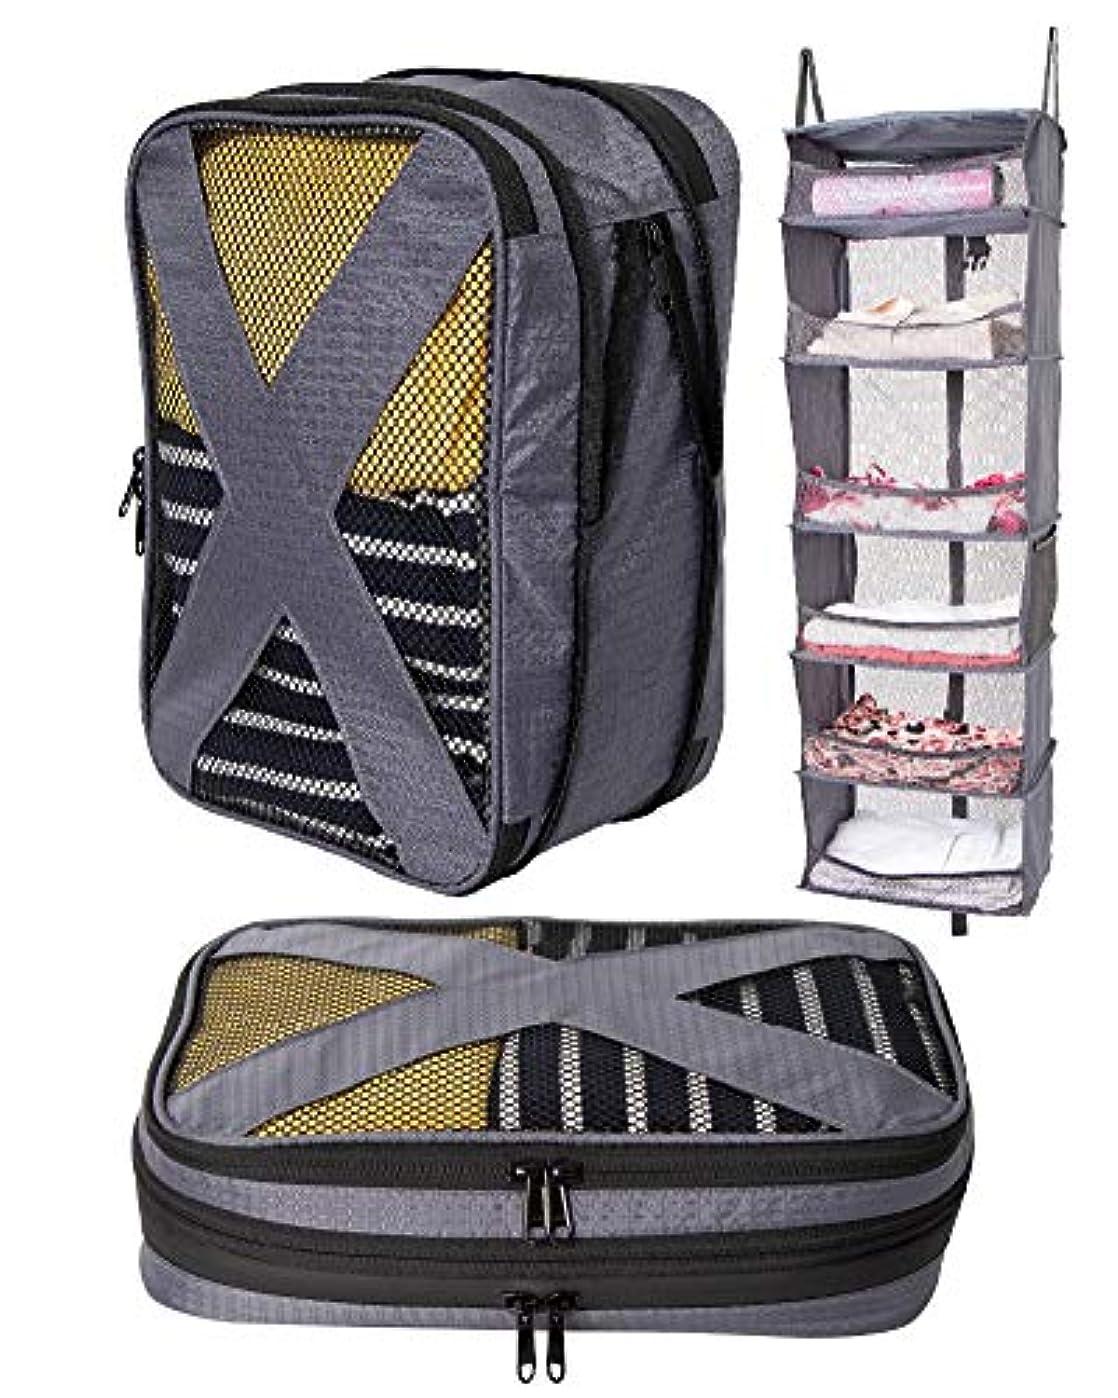 と組むどれでも句トラベルポーチ 圧縮機能付き 3点セット 吊り下げ スーツケース用クローゼット 収納便利 旅行グッズ 軽量 防水 大容量